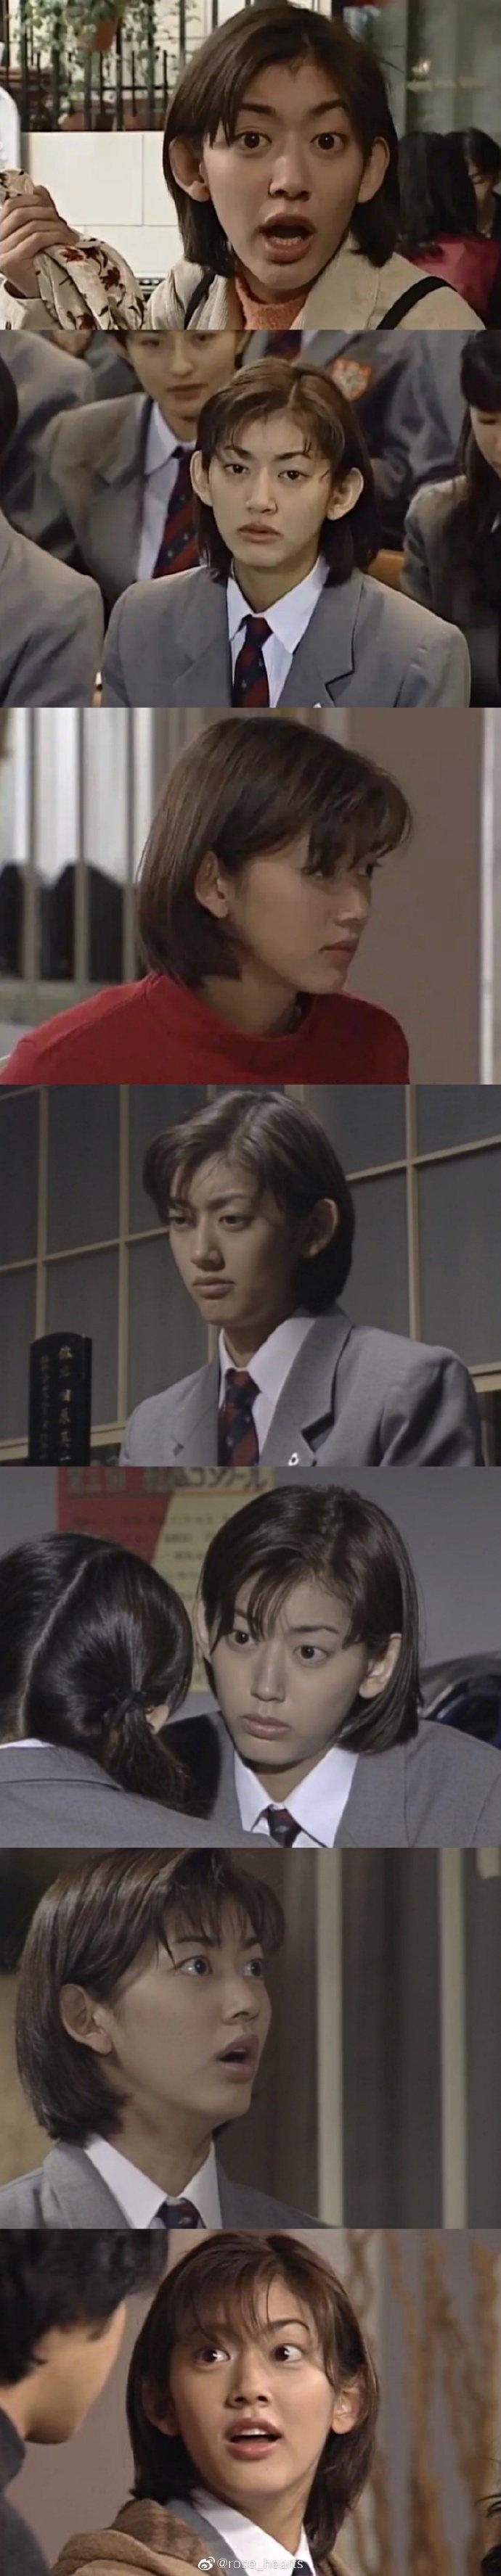 《一吻定情1996版》佐藤蓝子